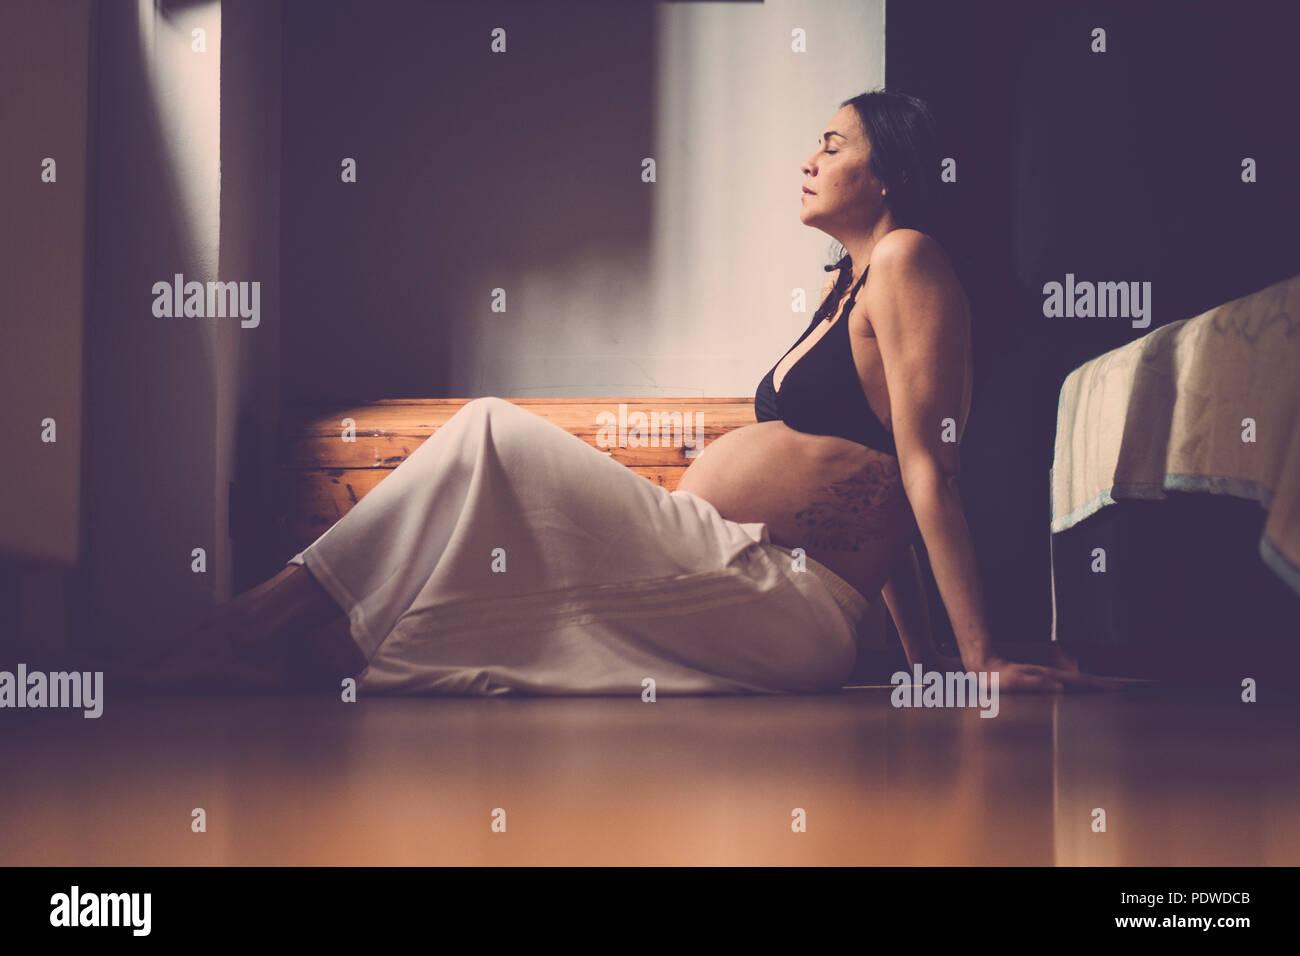 Schwangere schöne kaukasische Frau sitzt auf dem Boden und atmen zu entspannen. neues Leben Konzept zu Hause Stockbild